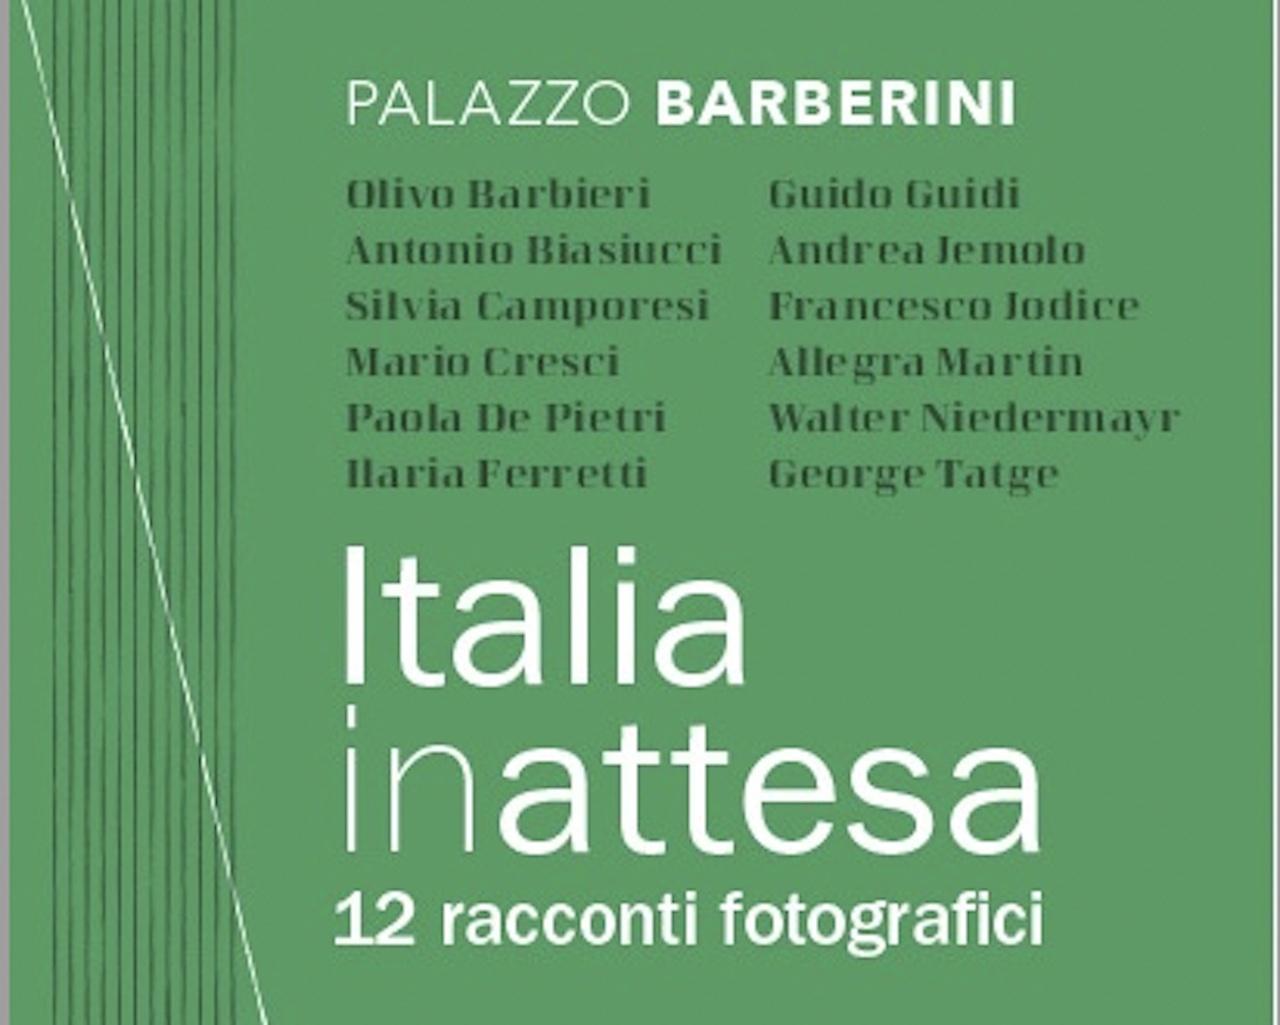 """""""Italia in-attesa"""": a Palazzo Barberini in Roma 12 racconti fotografici d'autore"""